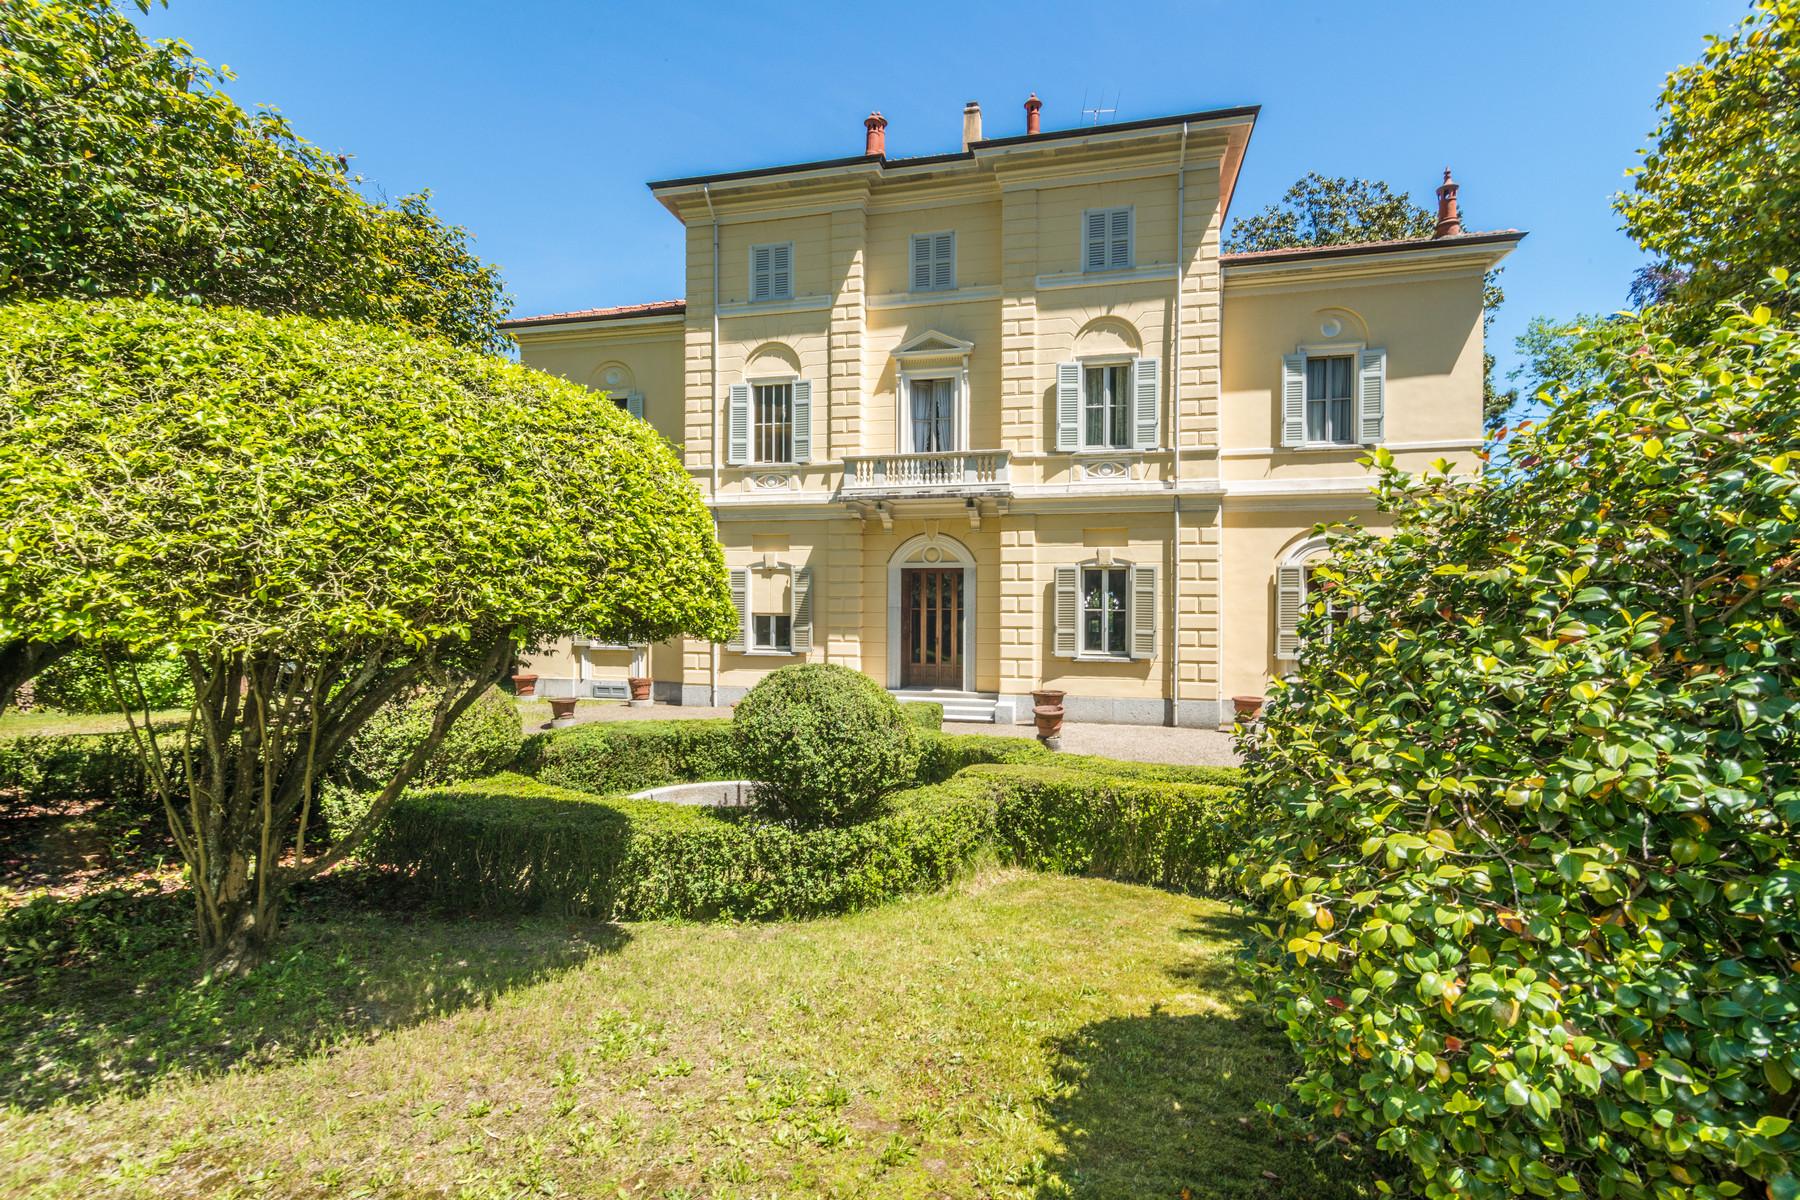 Villa in Vendita a Pella: 5 locali, 702 mq - Foto 2